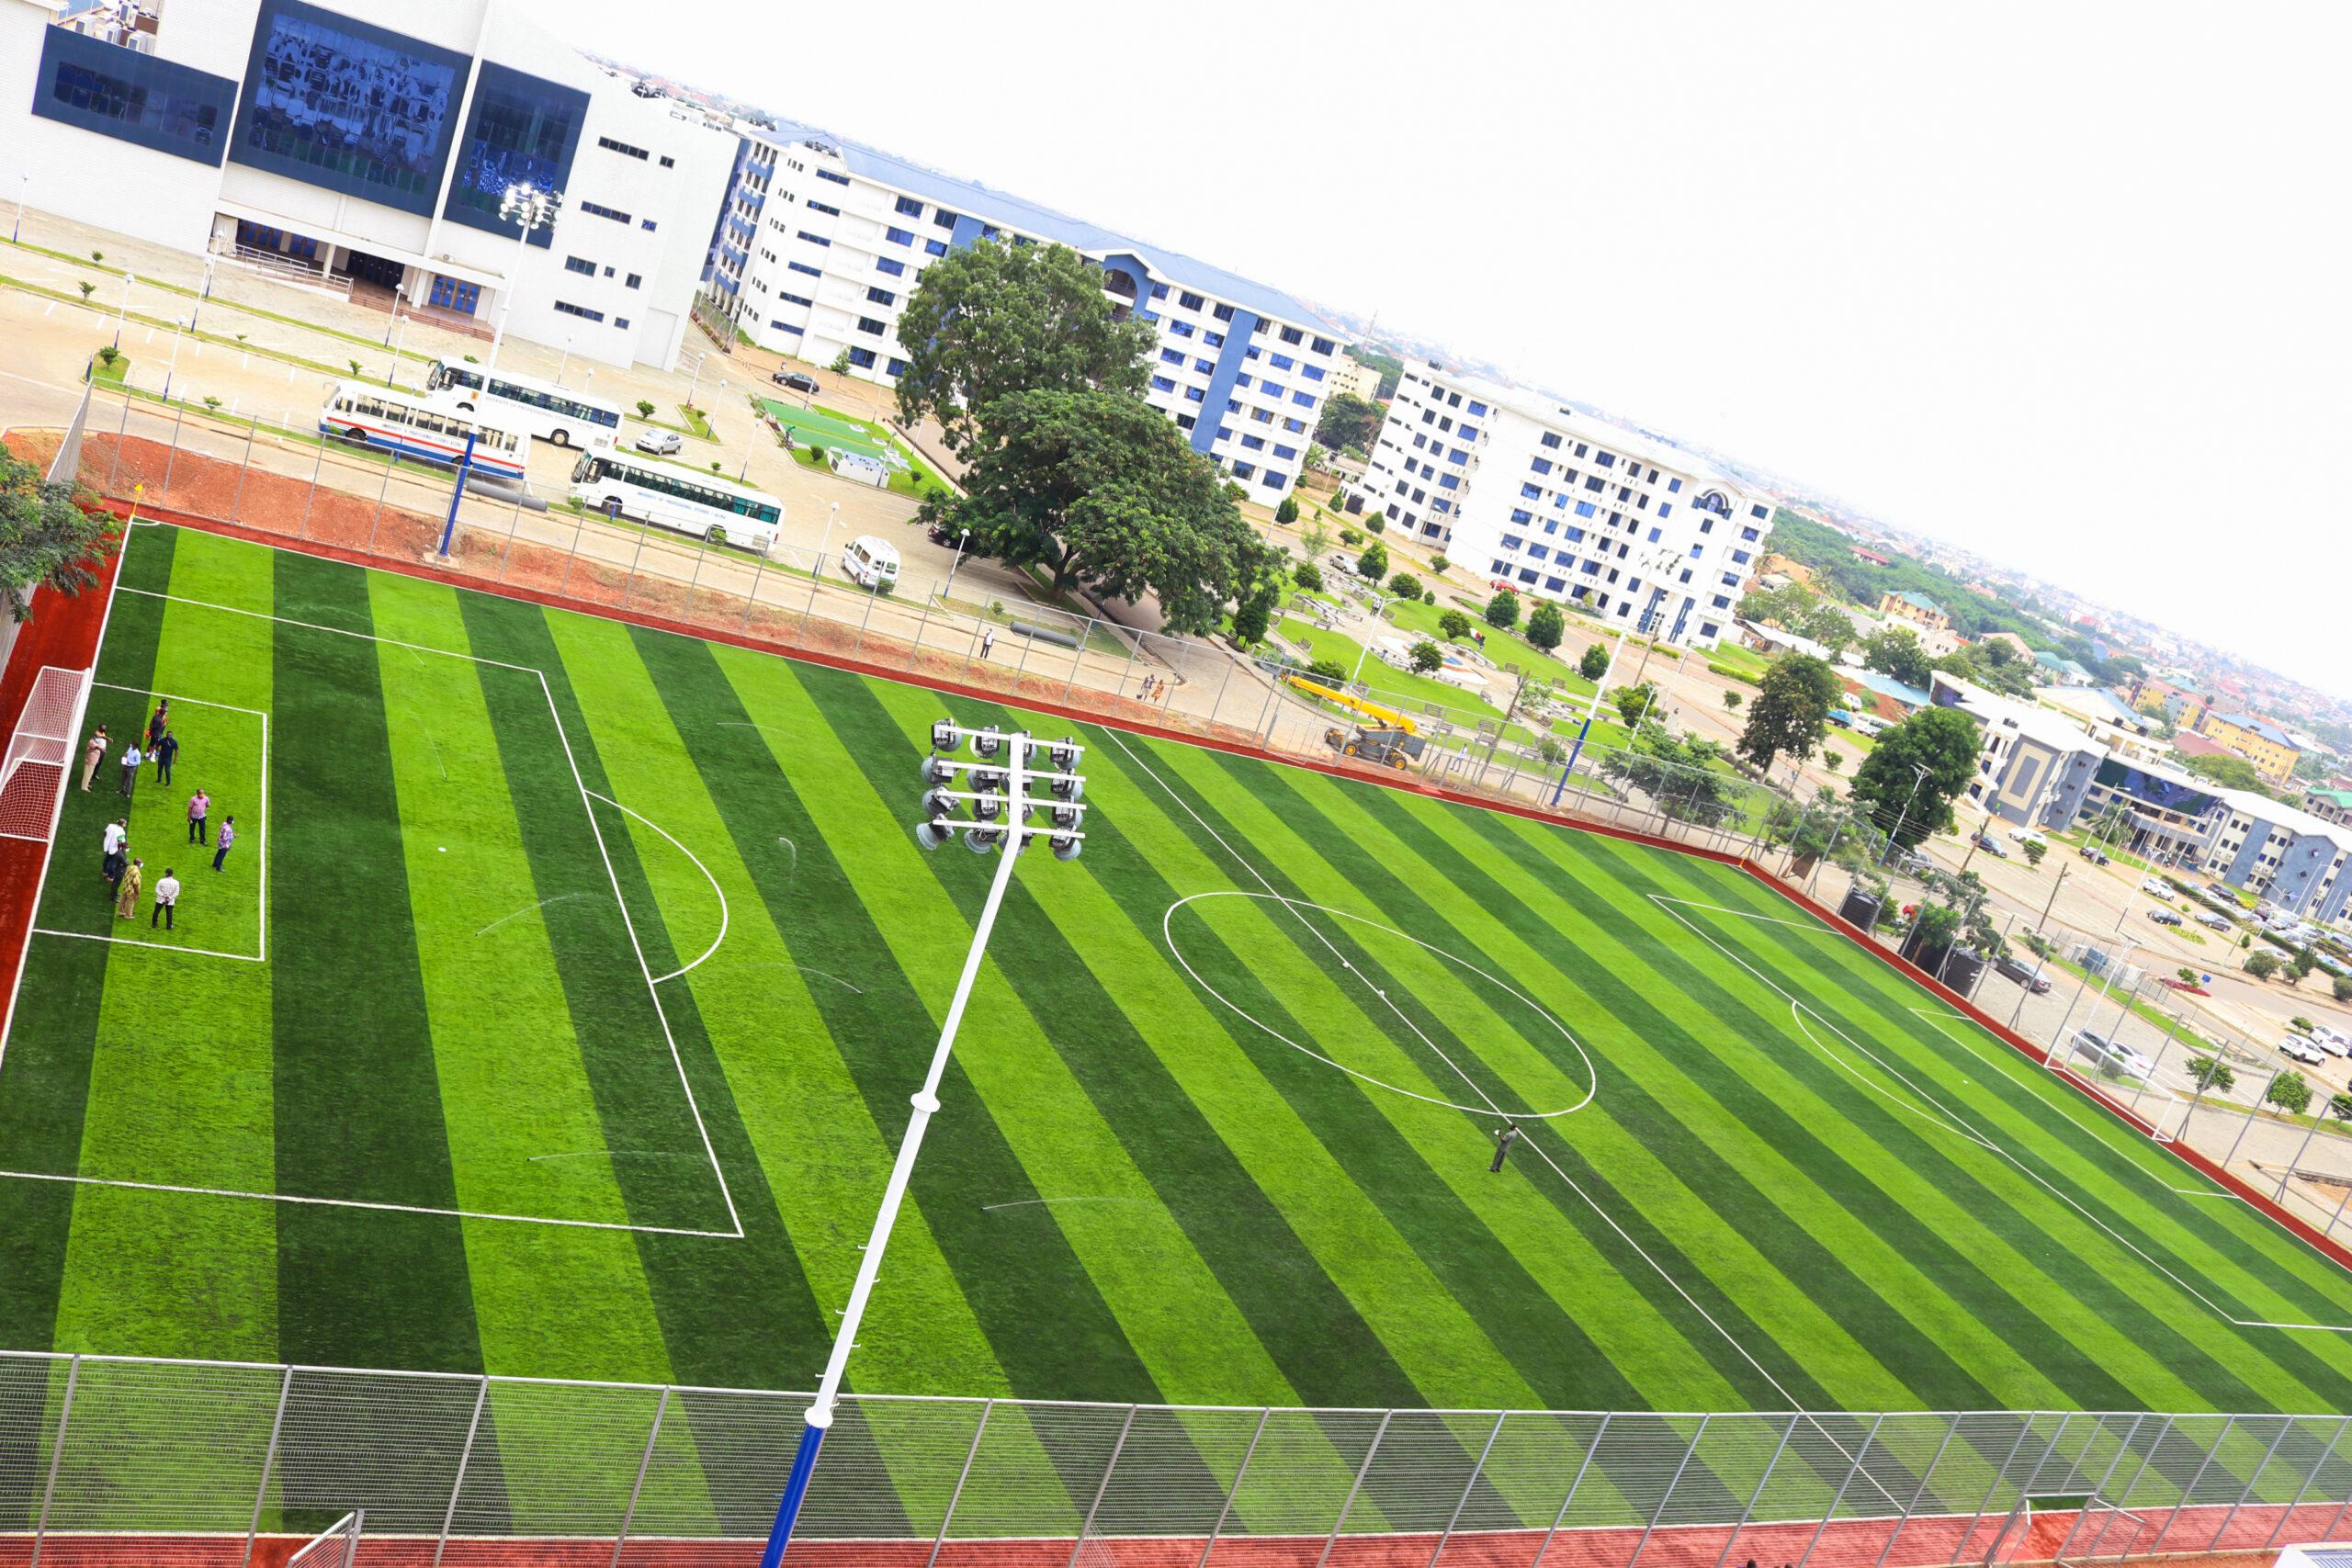 UPSA AstroTurf Stadium